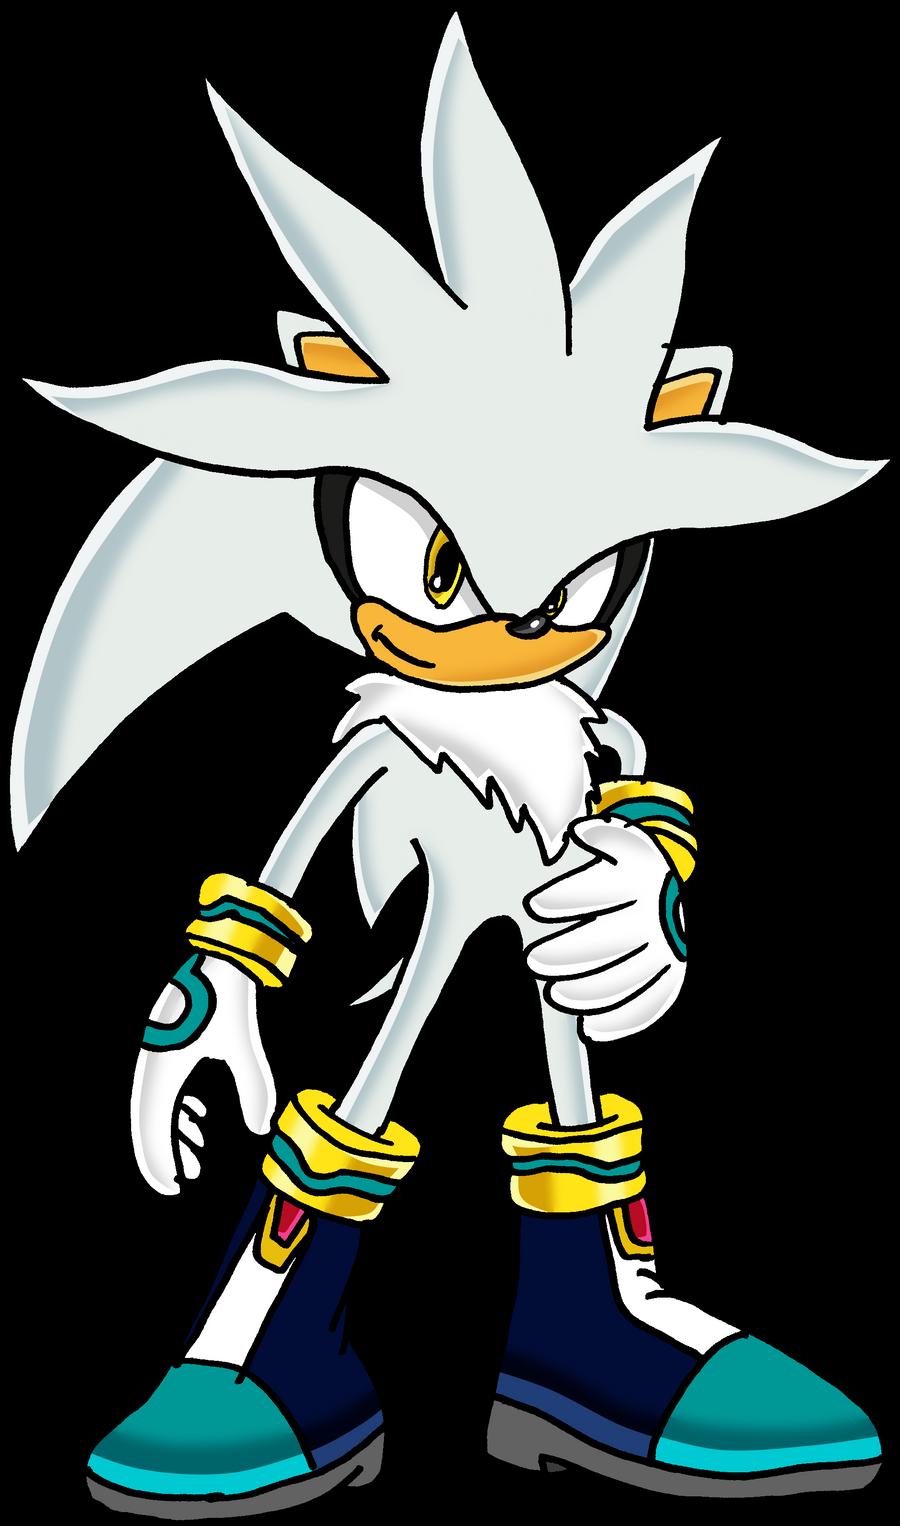 Sonic the Hedgehog: Worlds Collide.: 5. Primer día de escuela.